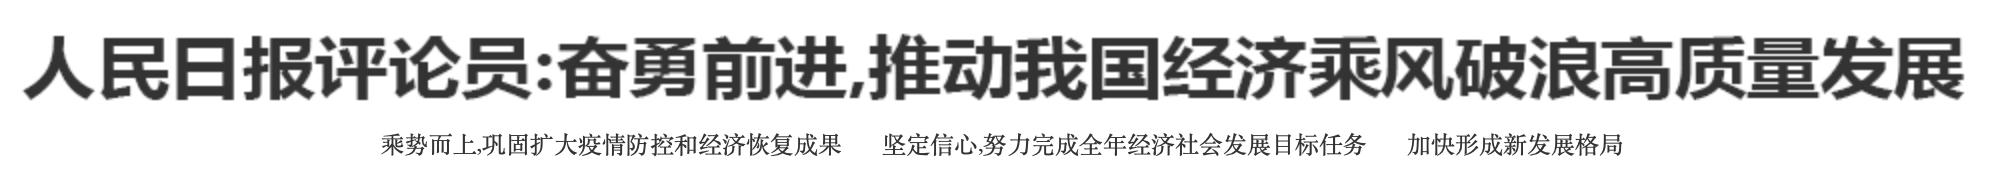 人民日报评论员:奋勇前进,推动我国经济乘风破浪高质量发展